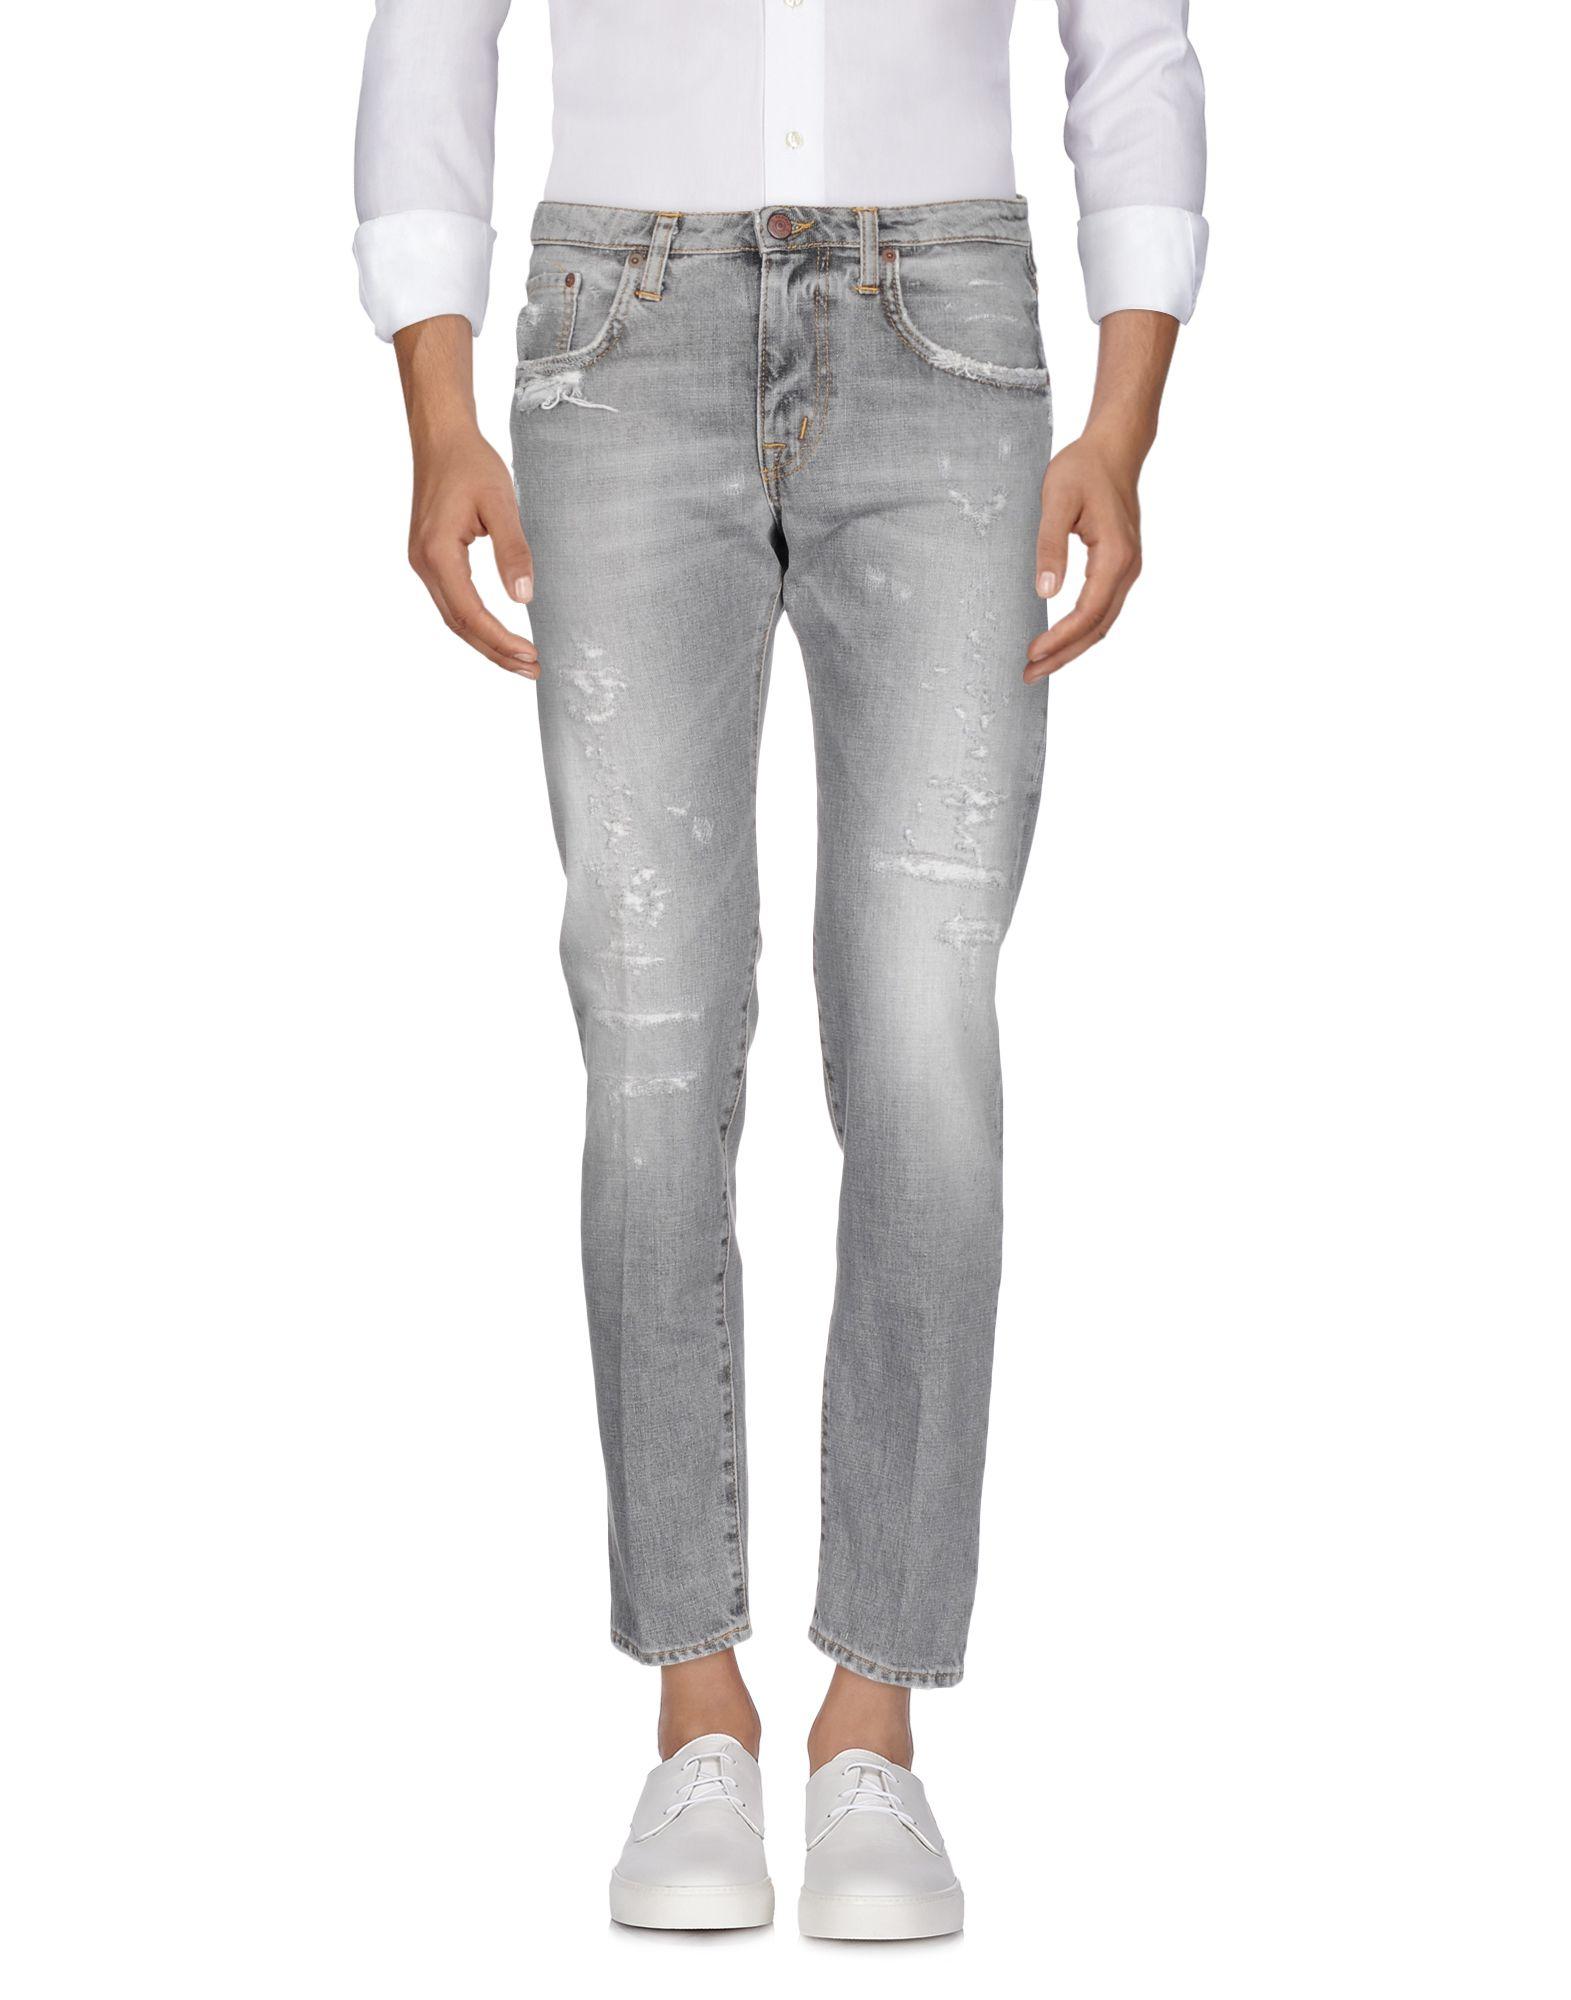 PEOPLE Denim Pants in Grey